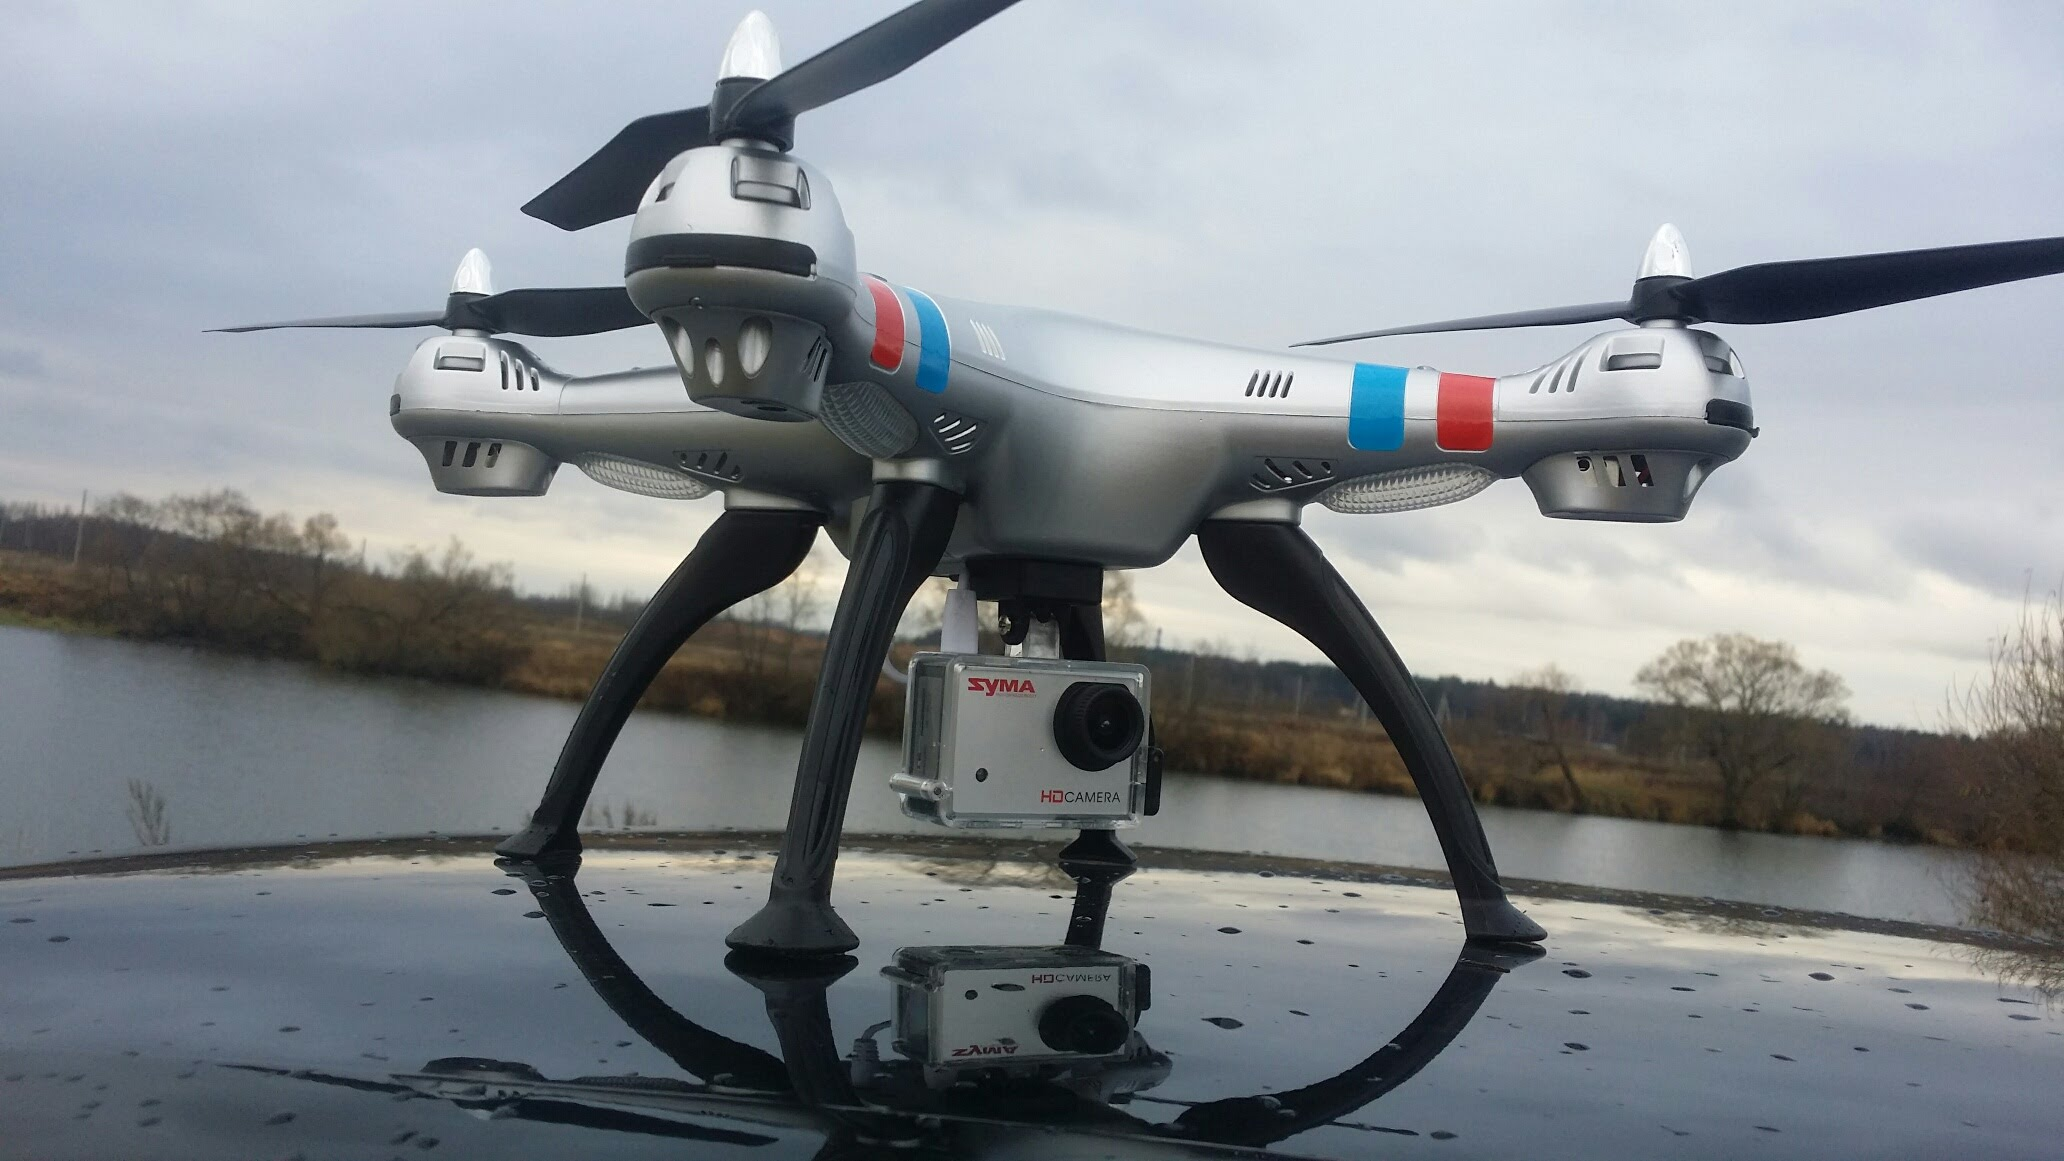 Квадрокоптер_дорогая игрушка или новое слово в любительской видеосъёмке, доставке, спорте - квадрокоптер приземлился